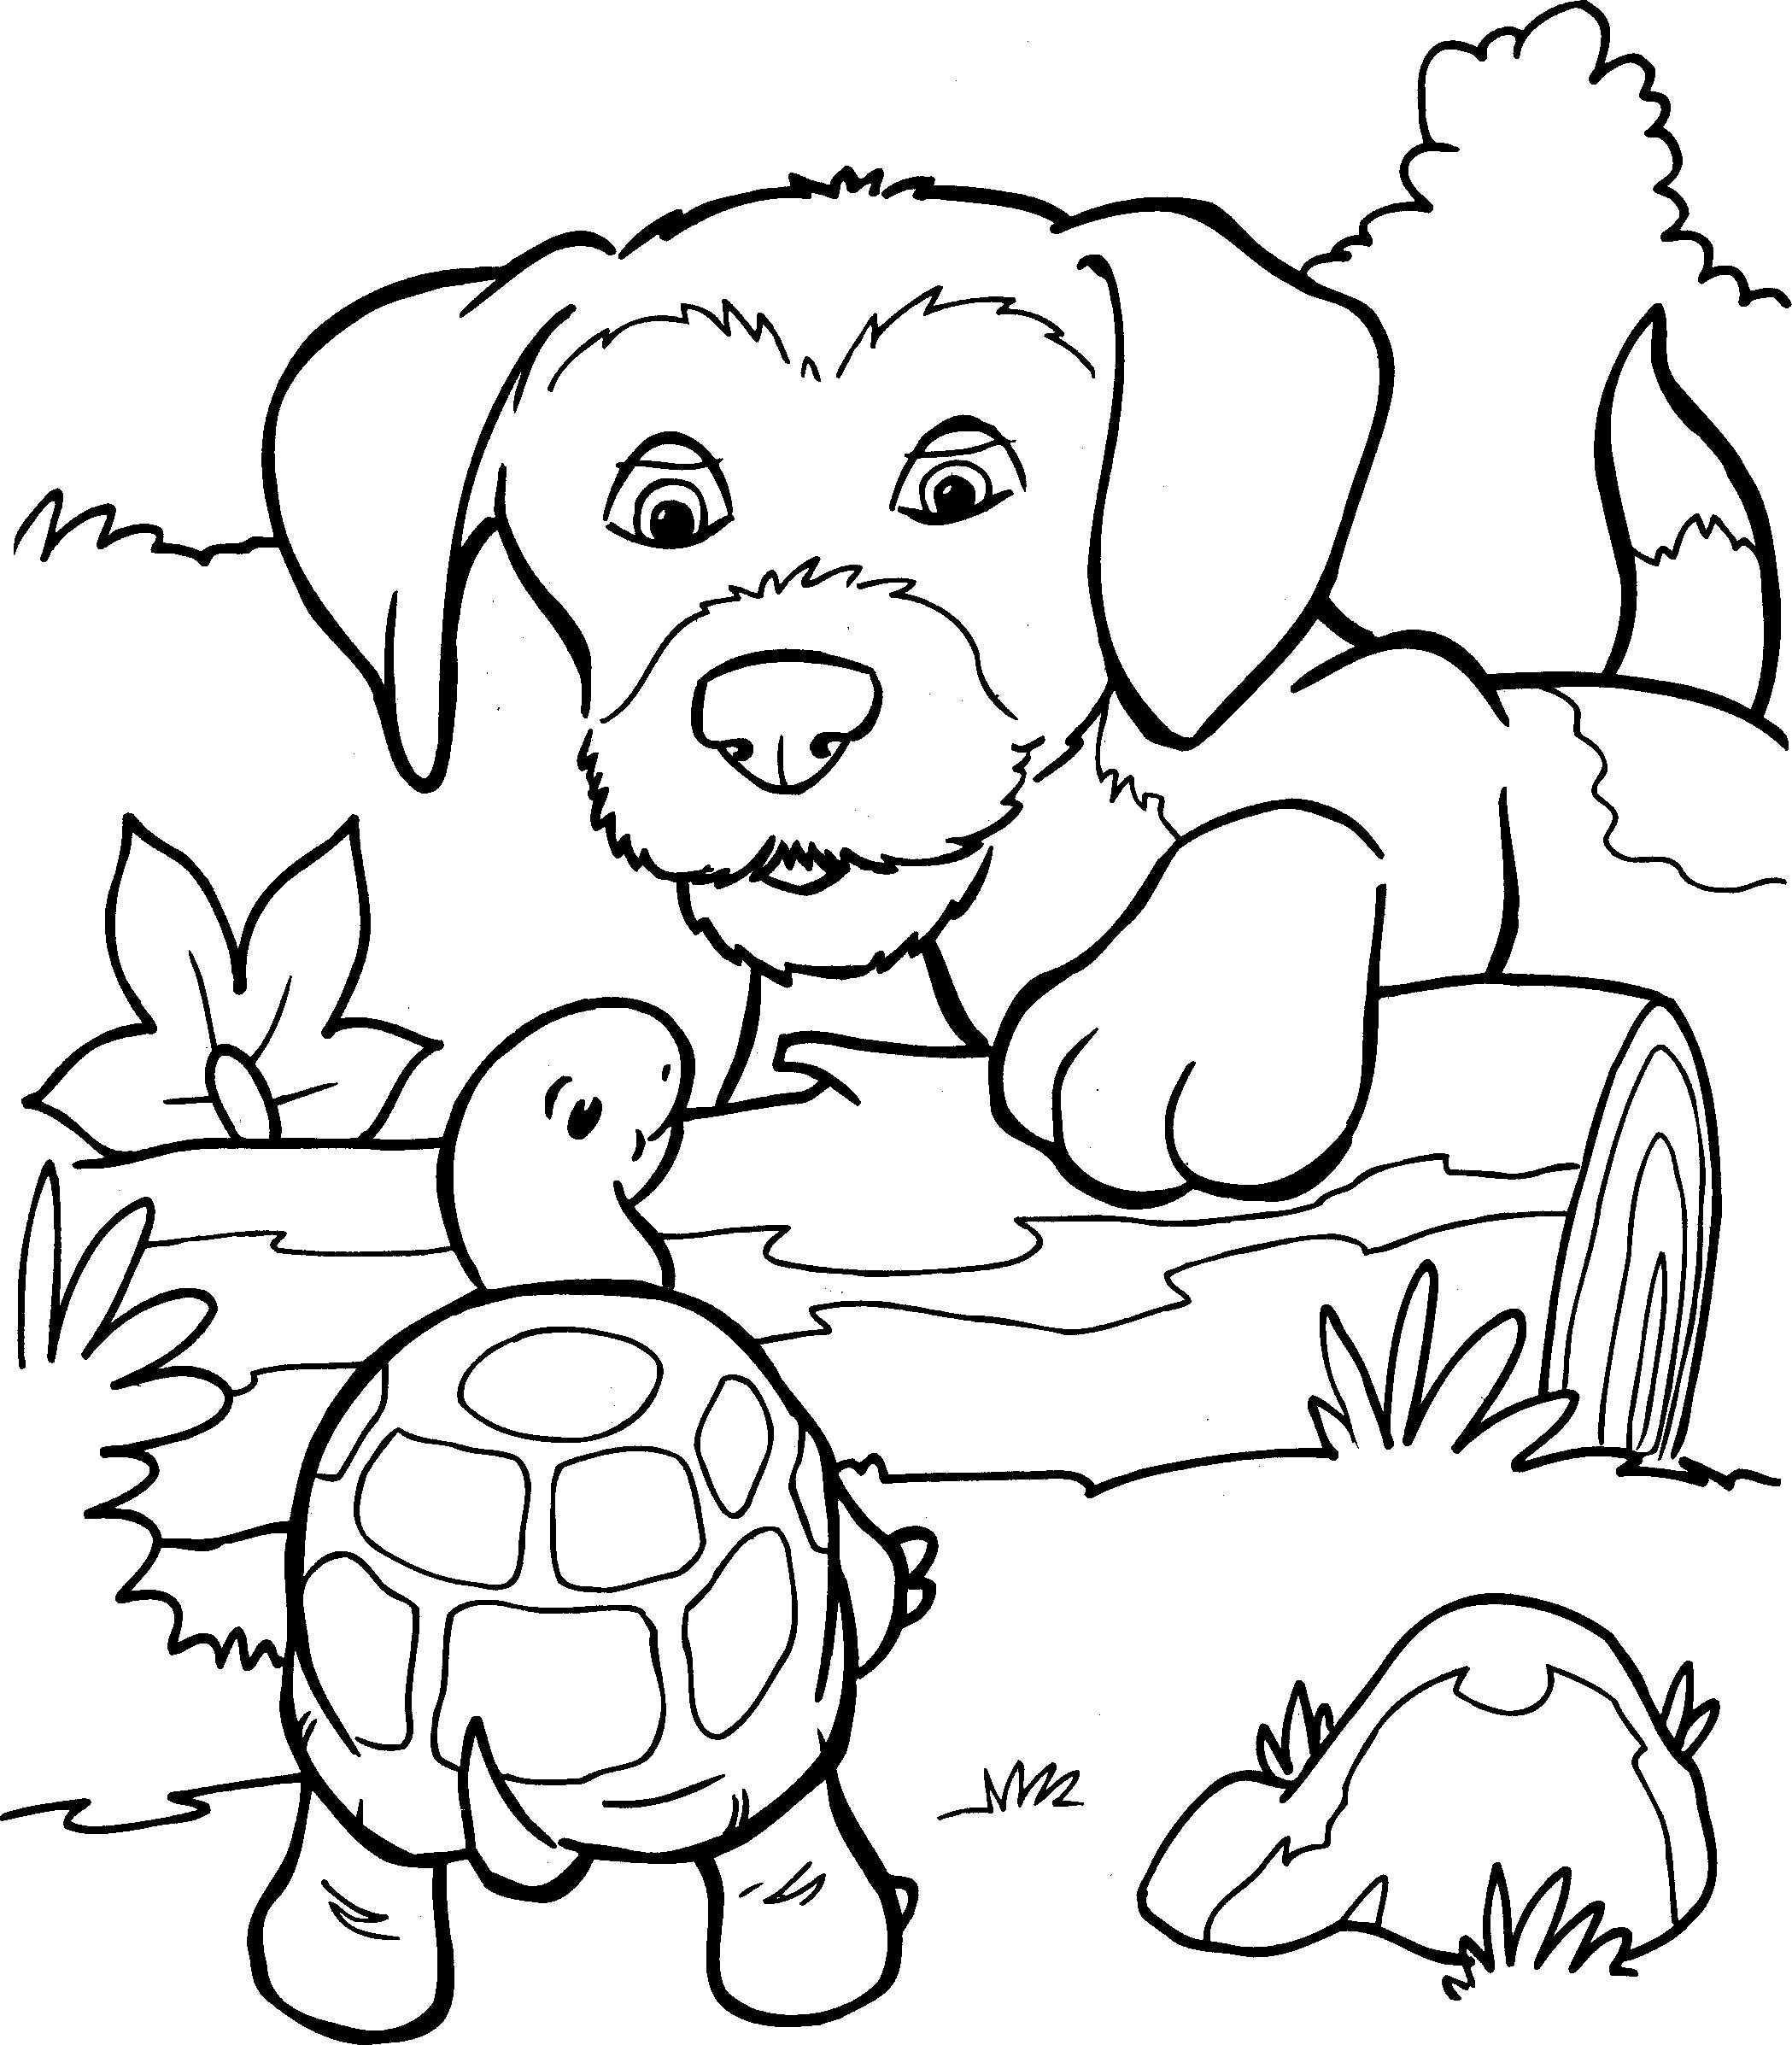 Honden Kleurplaat 30 20100201 1364862034 Jpg 2098 2394 Kleurplaten Voor Kinderen Kleurplaten Dieren Kleurplaten